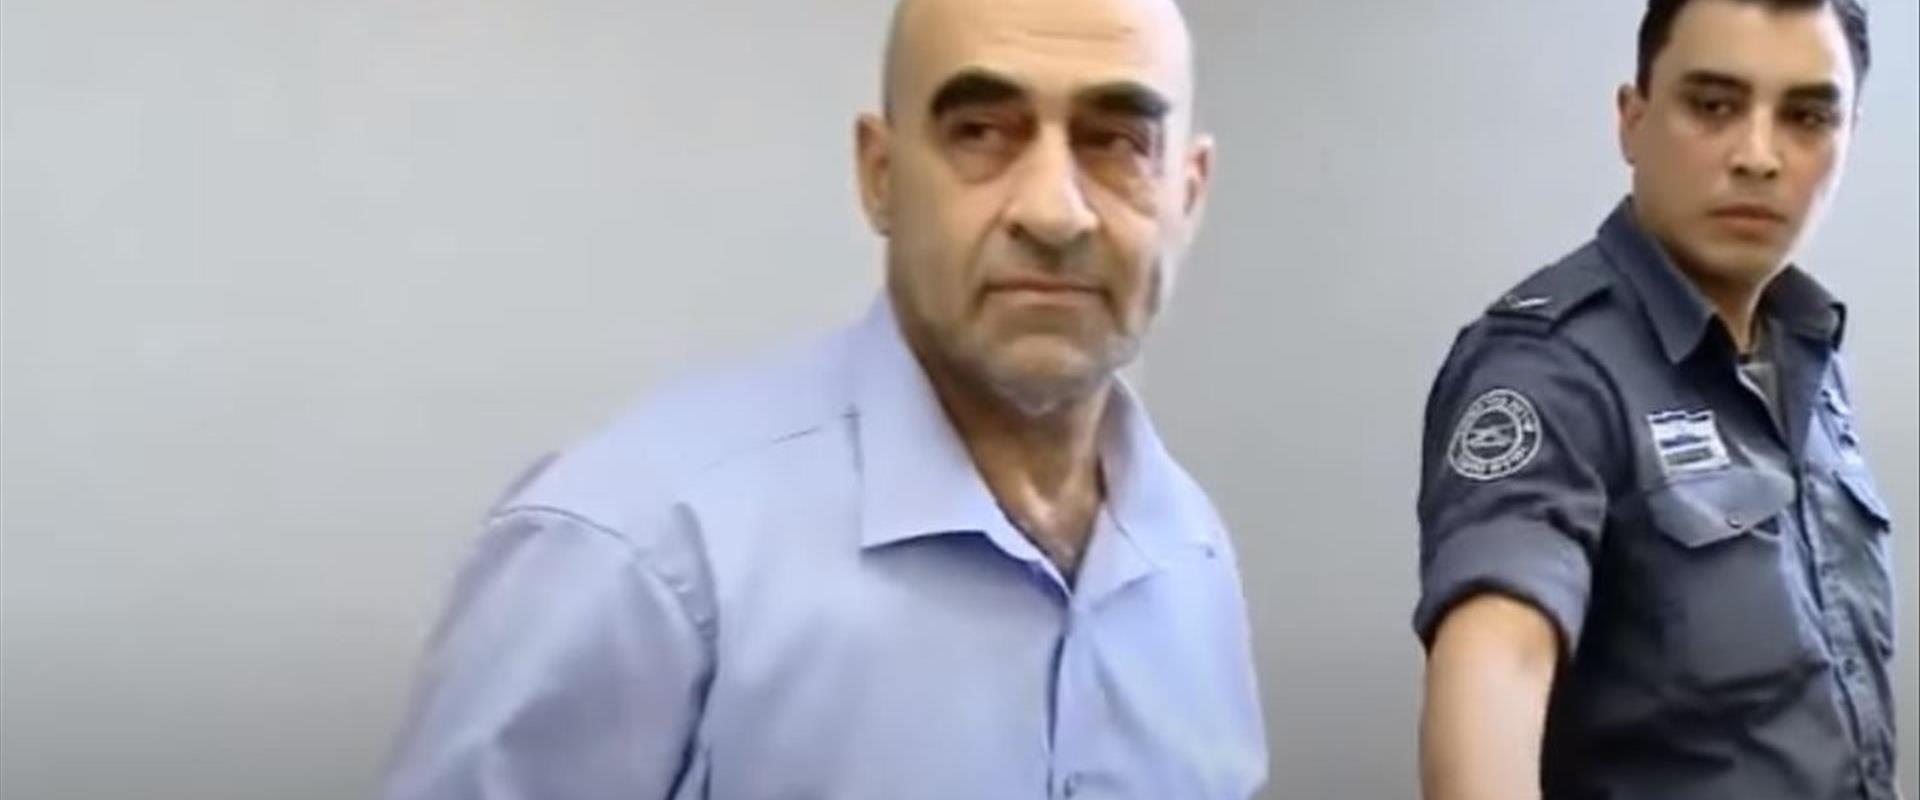 סלמאן עמאר